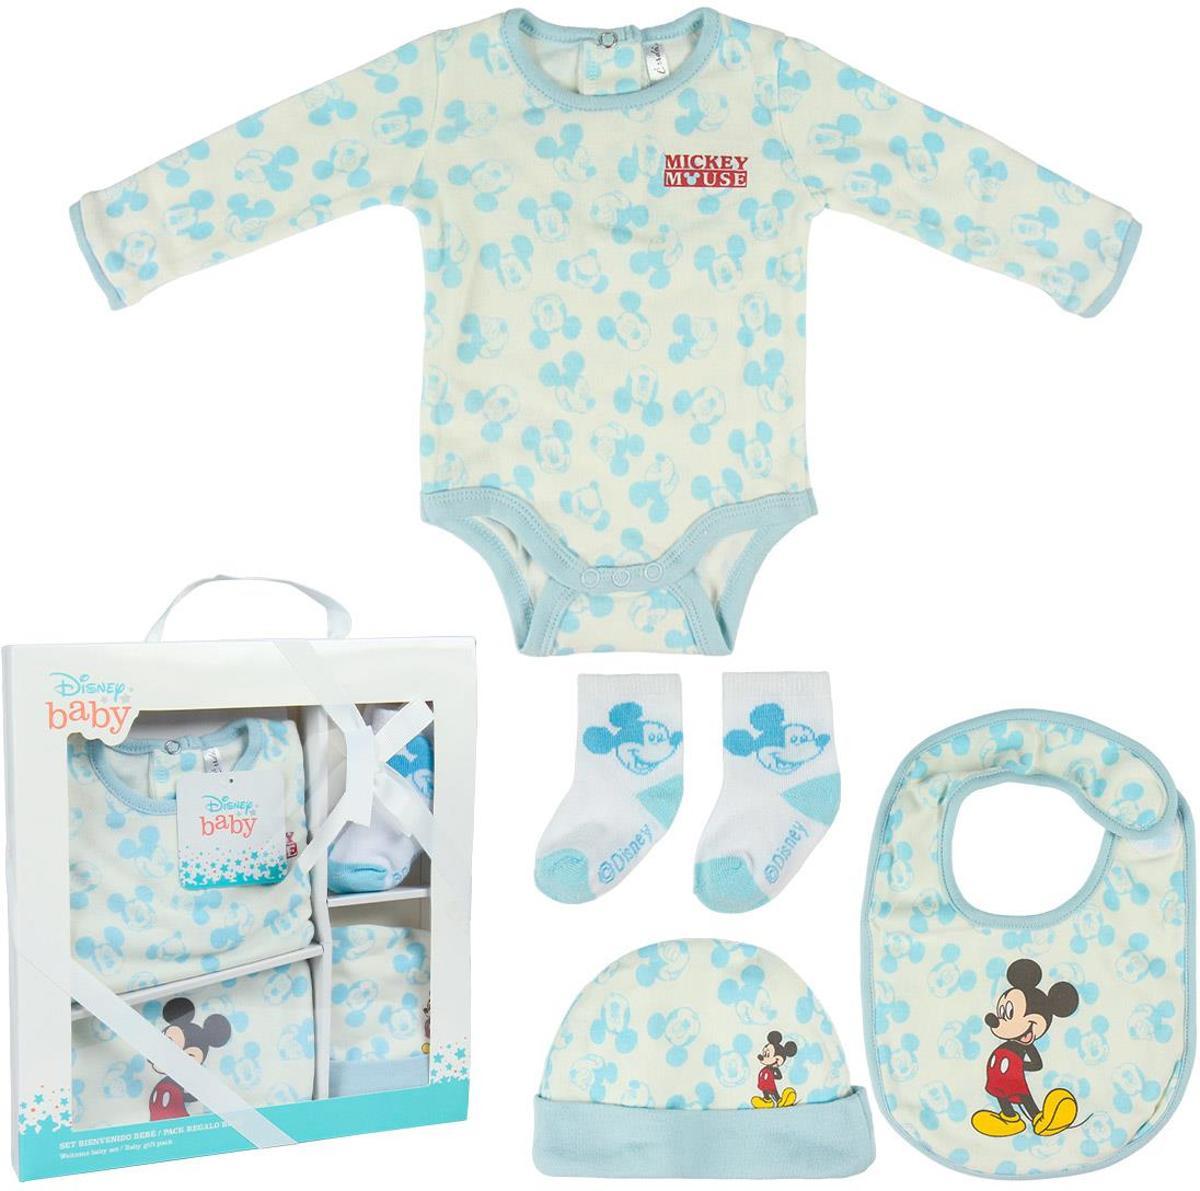 Disney - Mickey Mouse - Kraamcadeau - 1 tot 3 maanden (56cm-60cm) kopen